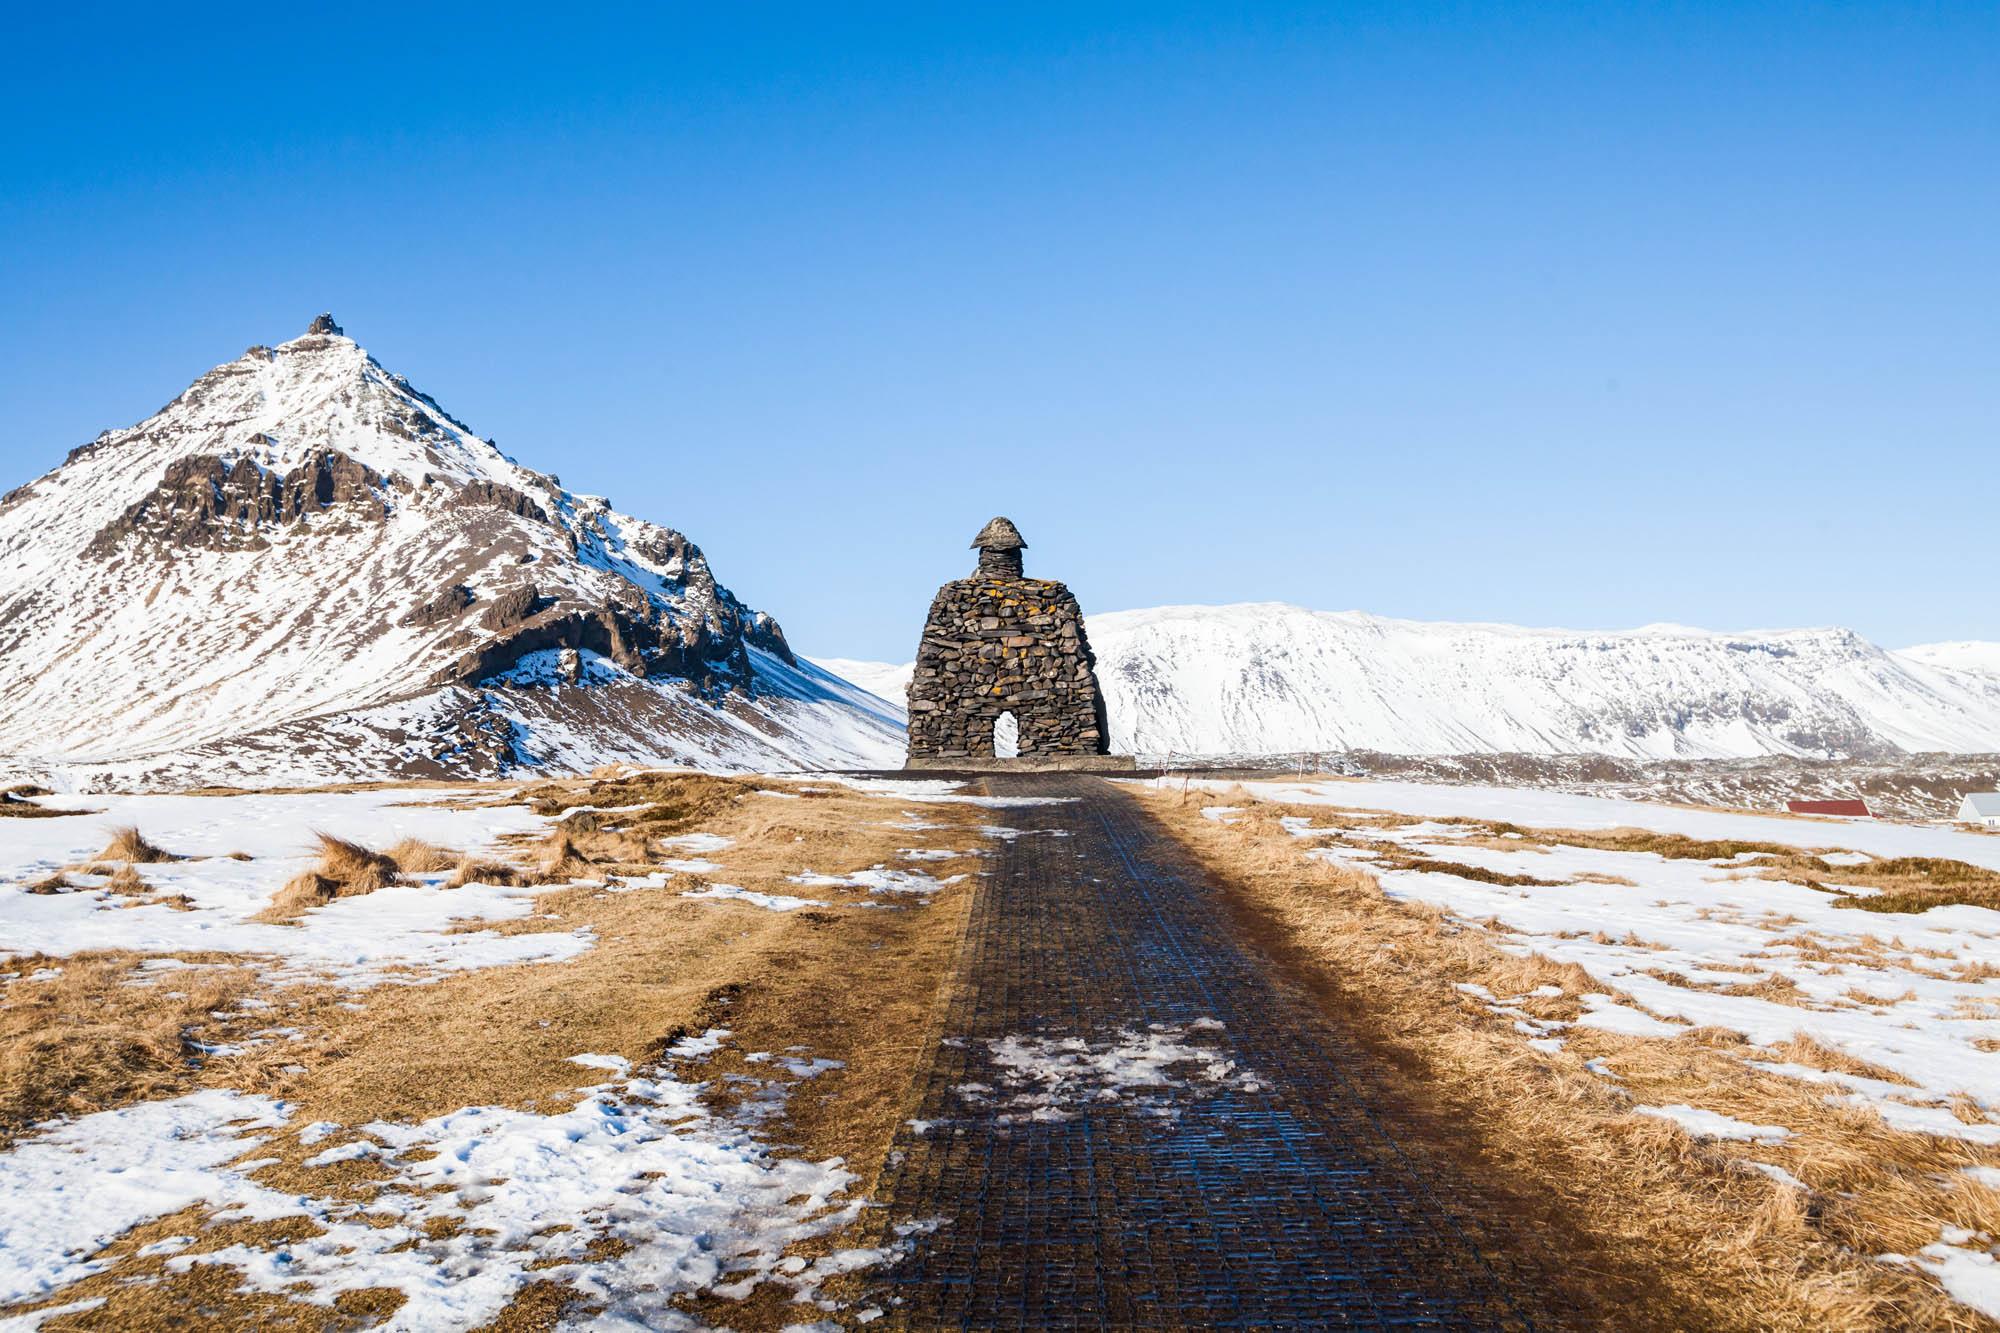 Arnarstapi - Iceland winter package - Snaefellsnes